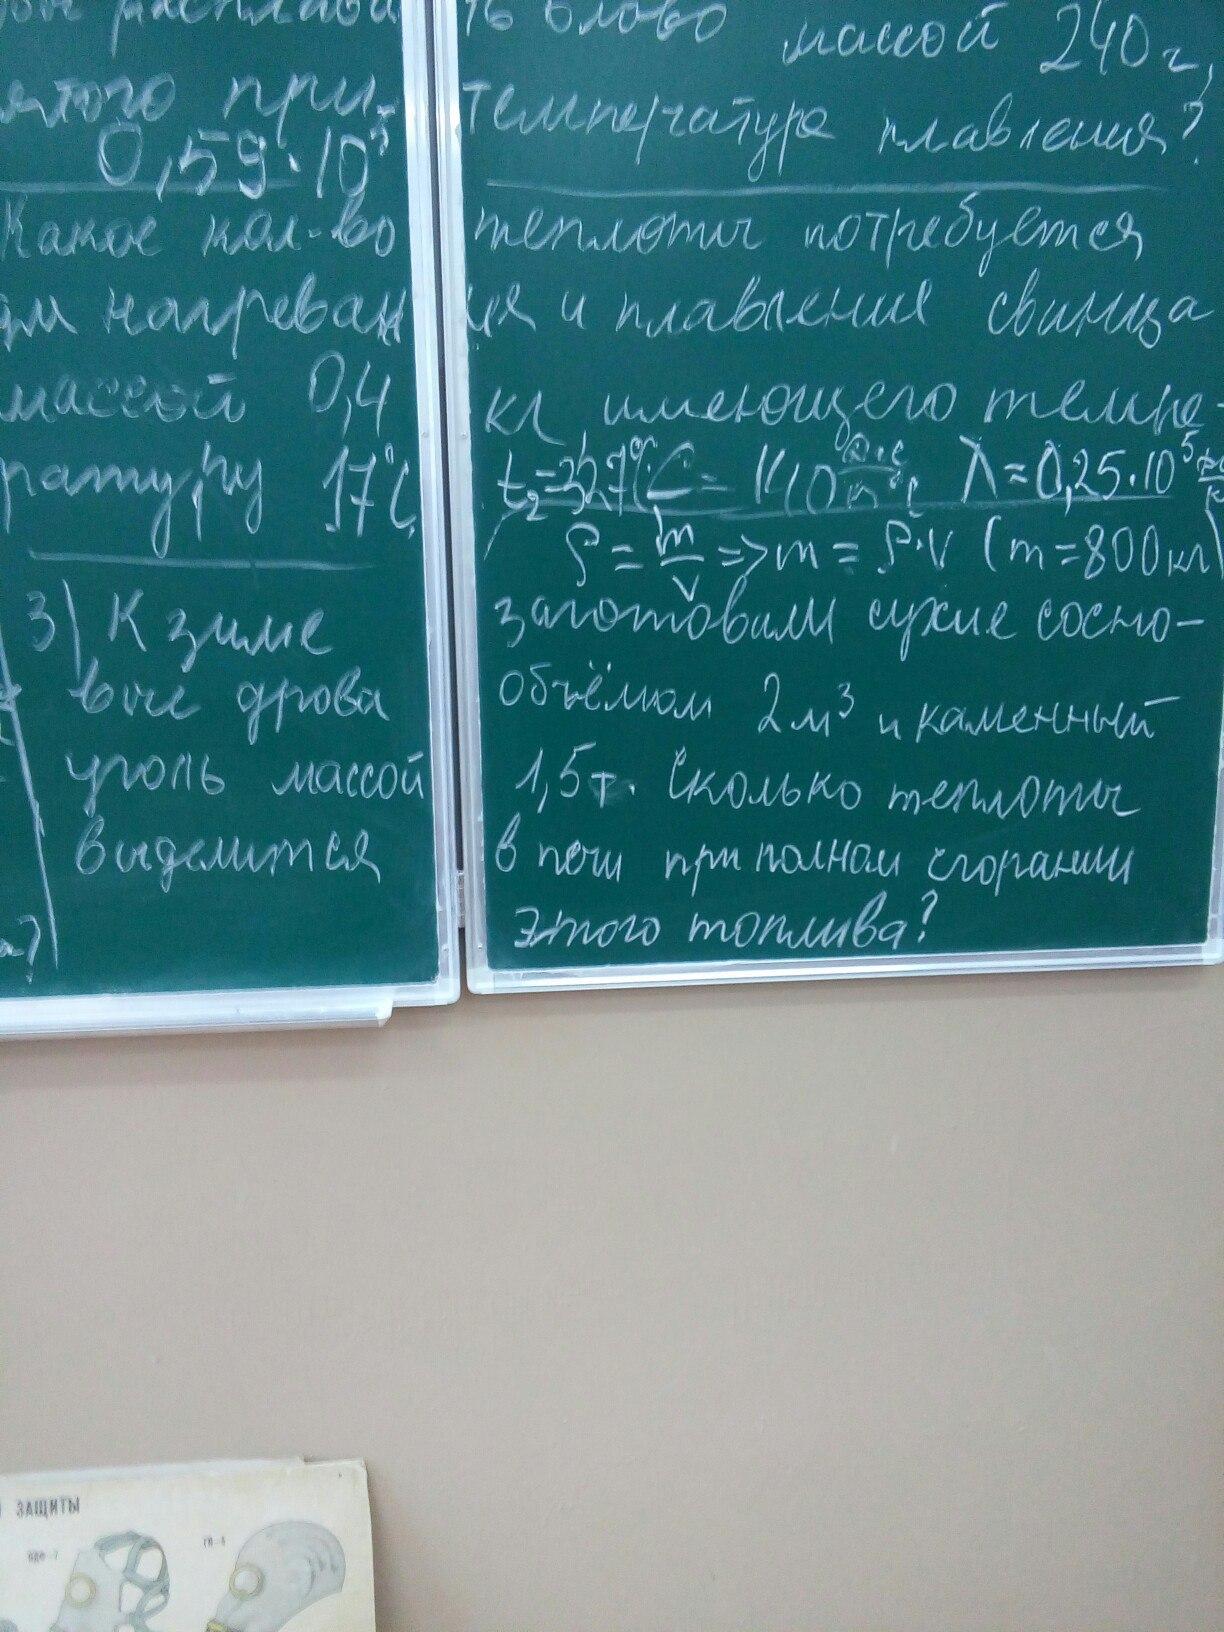 Изображение к вопросу Решите пожалуйста 3 задачю по физикедаю 35 баллов!